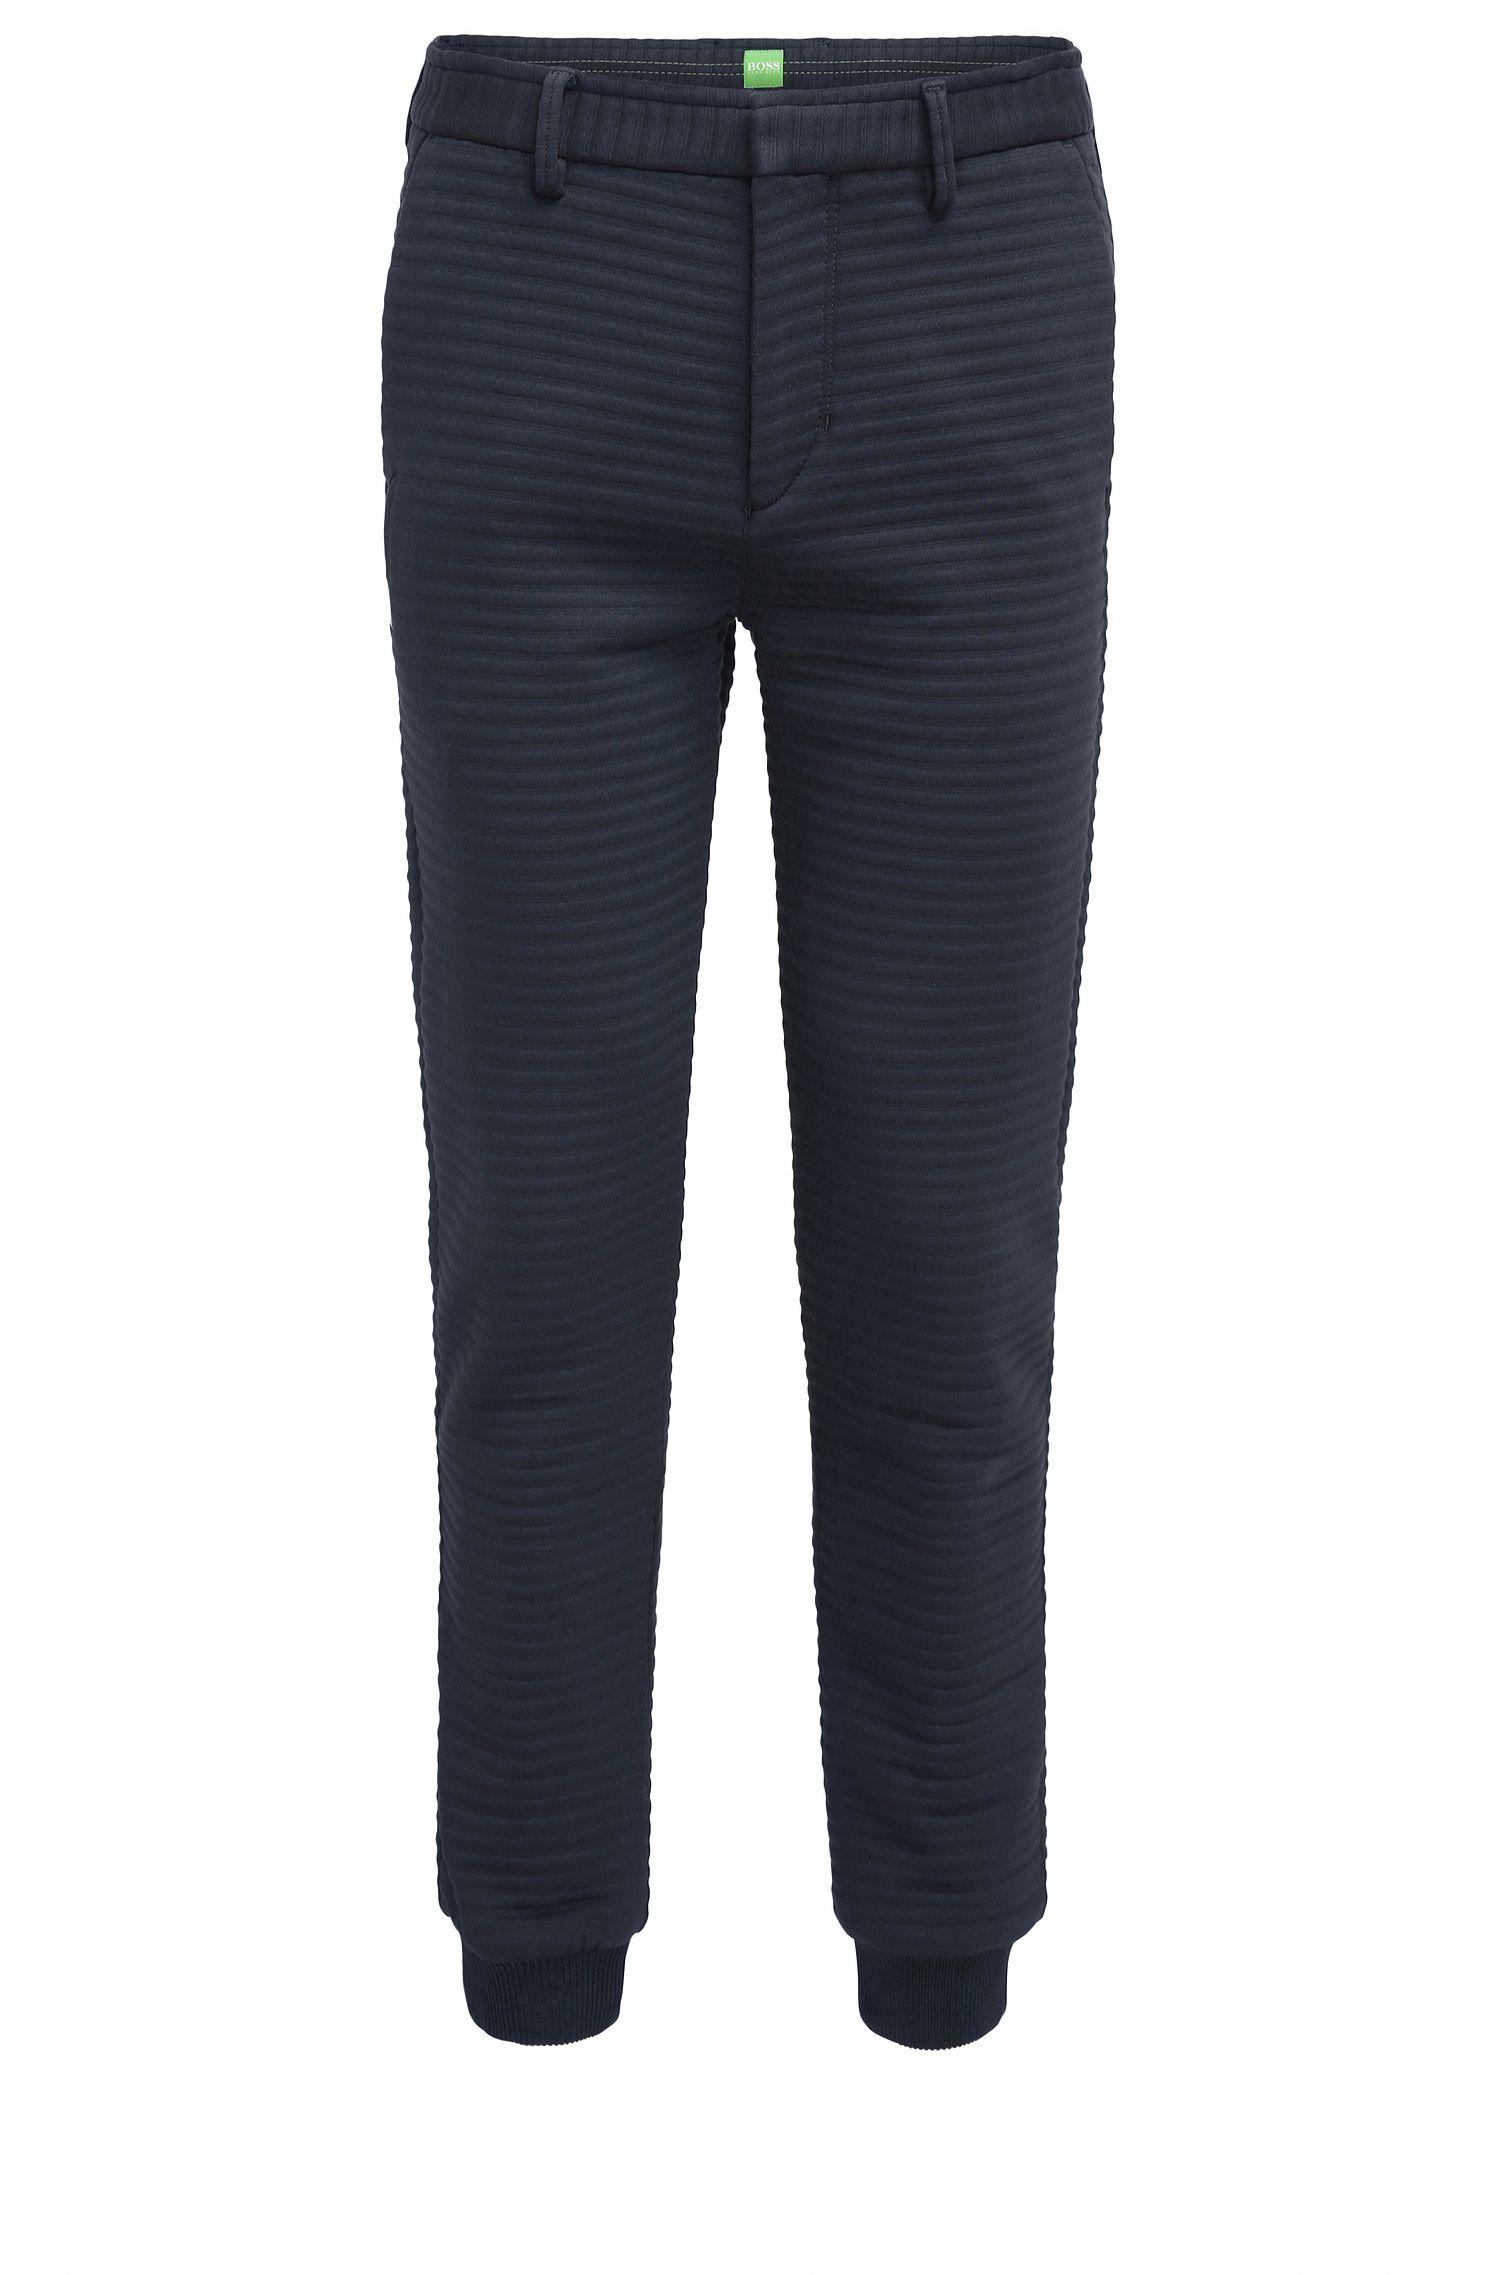 Slim-Fit Hose aus elastischem Baumwoll-Mix mit Struktur